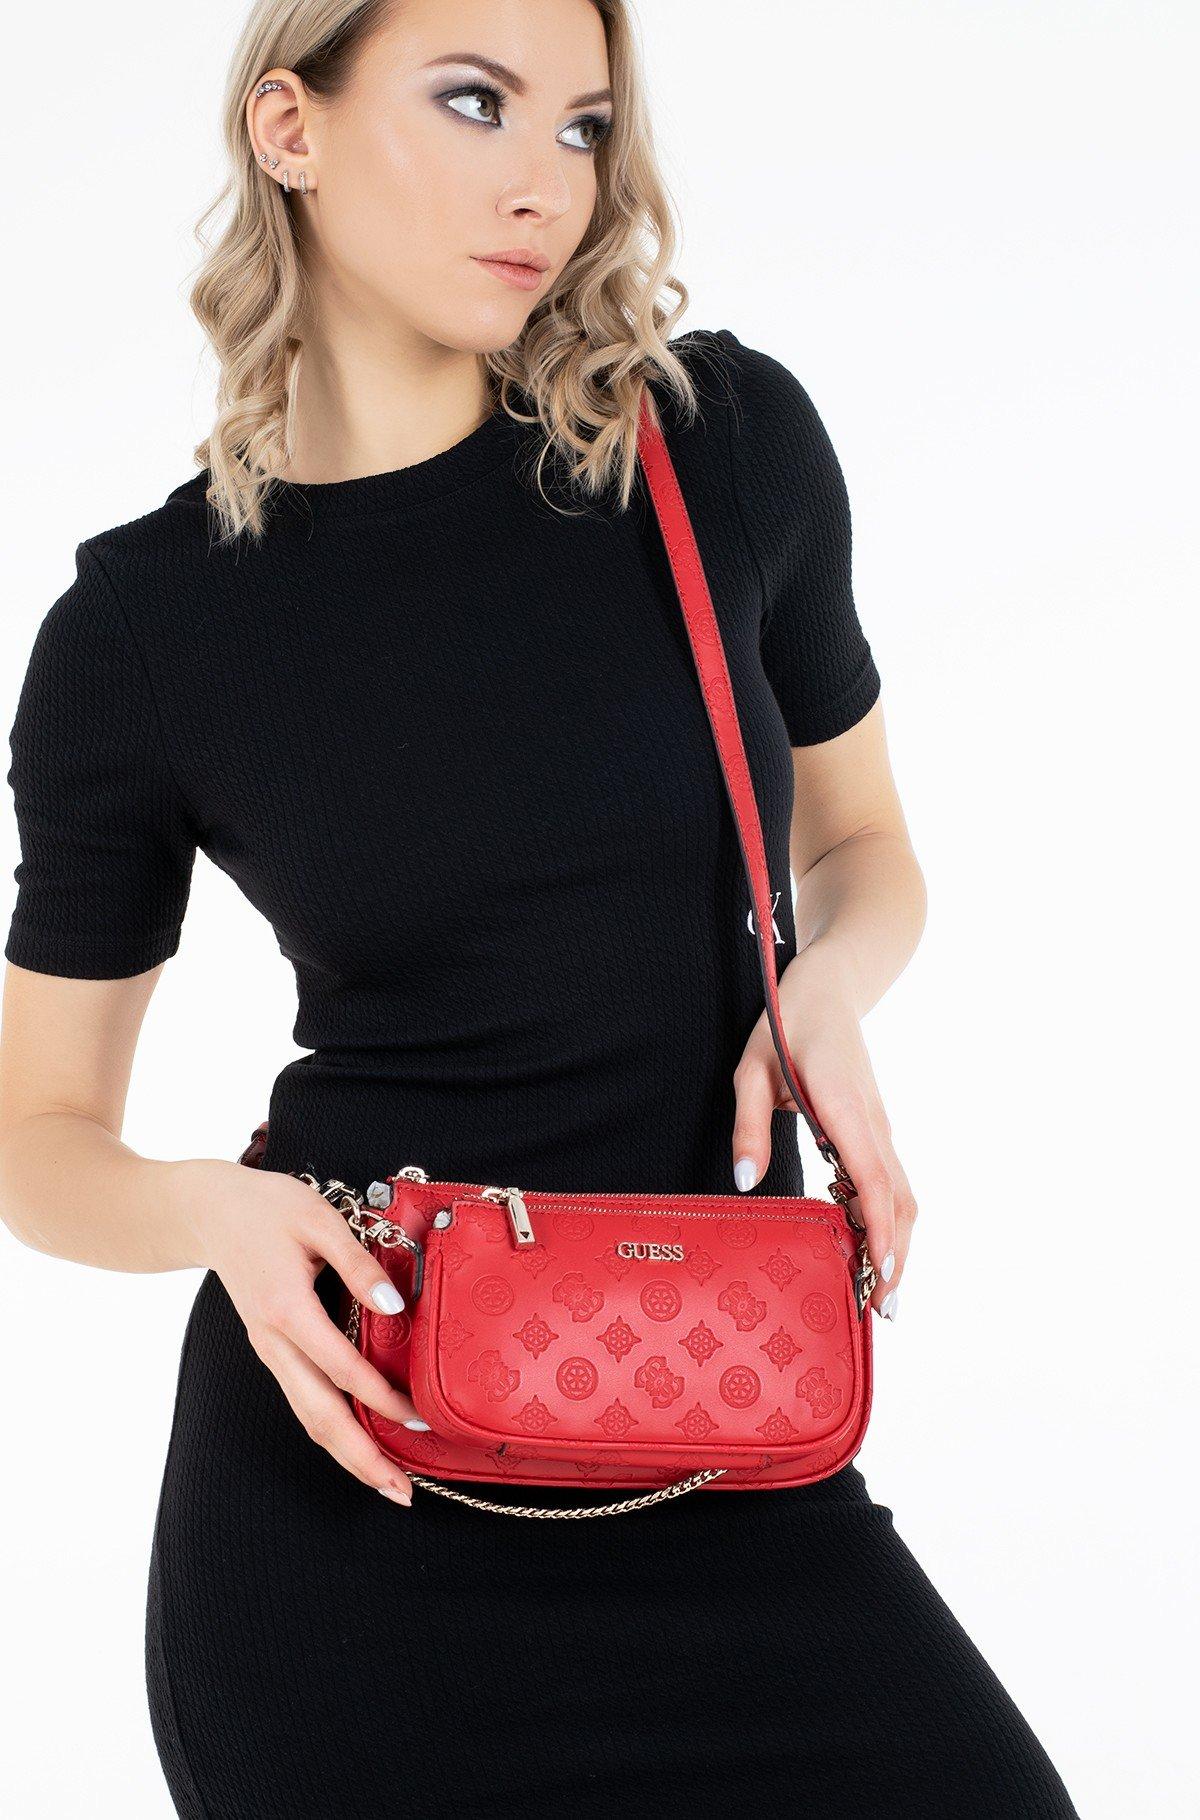 Shoulder bag HWSG79 68700-full-1